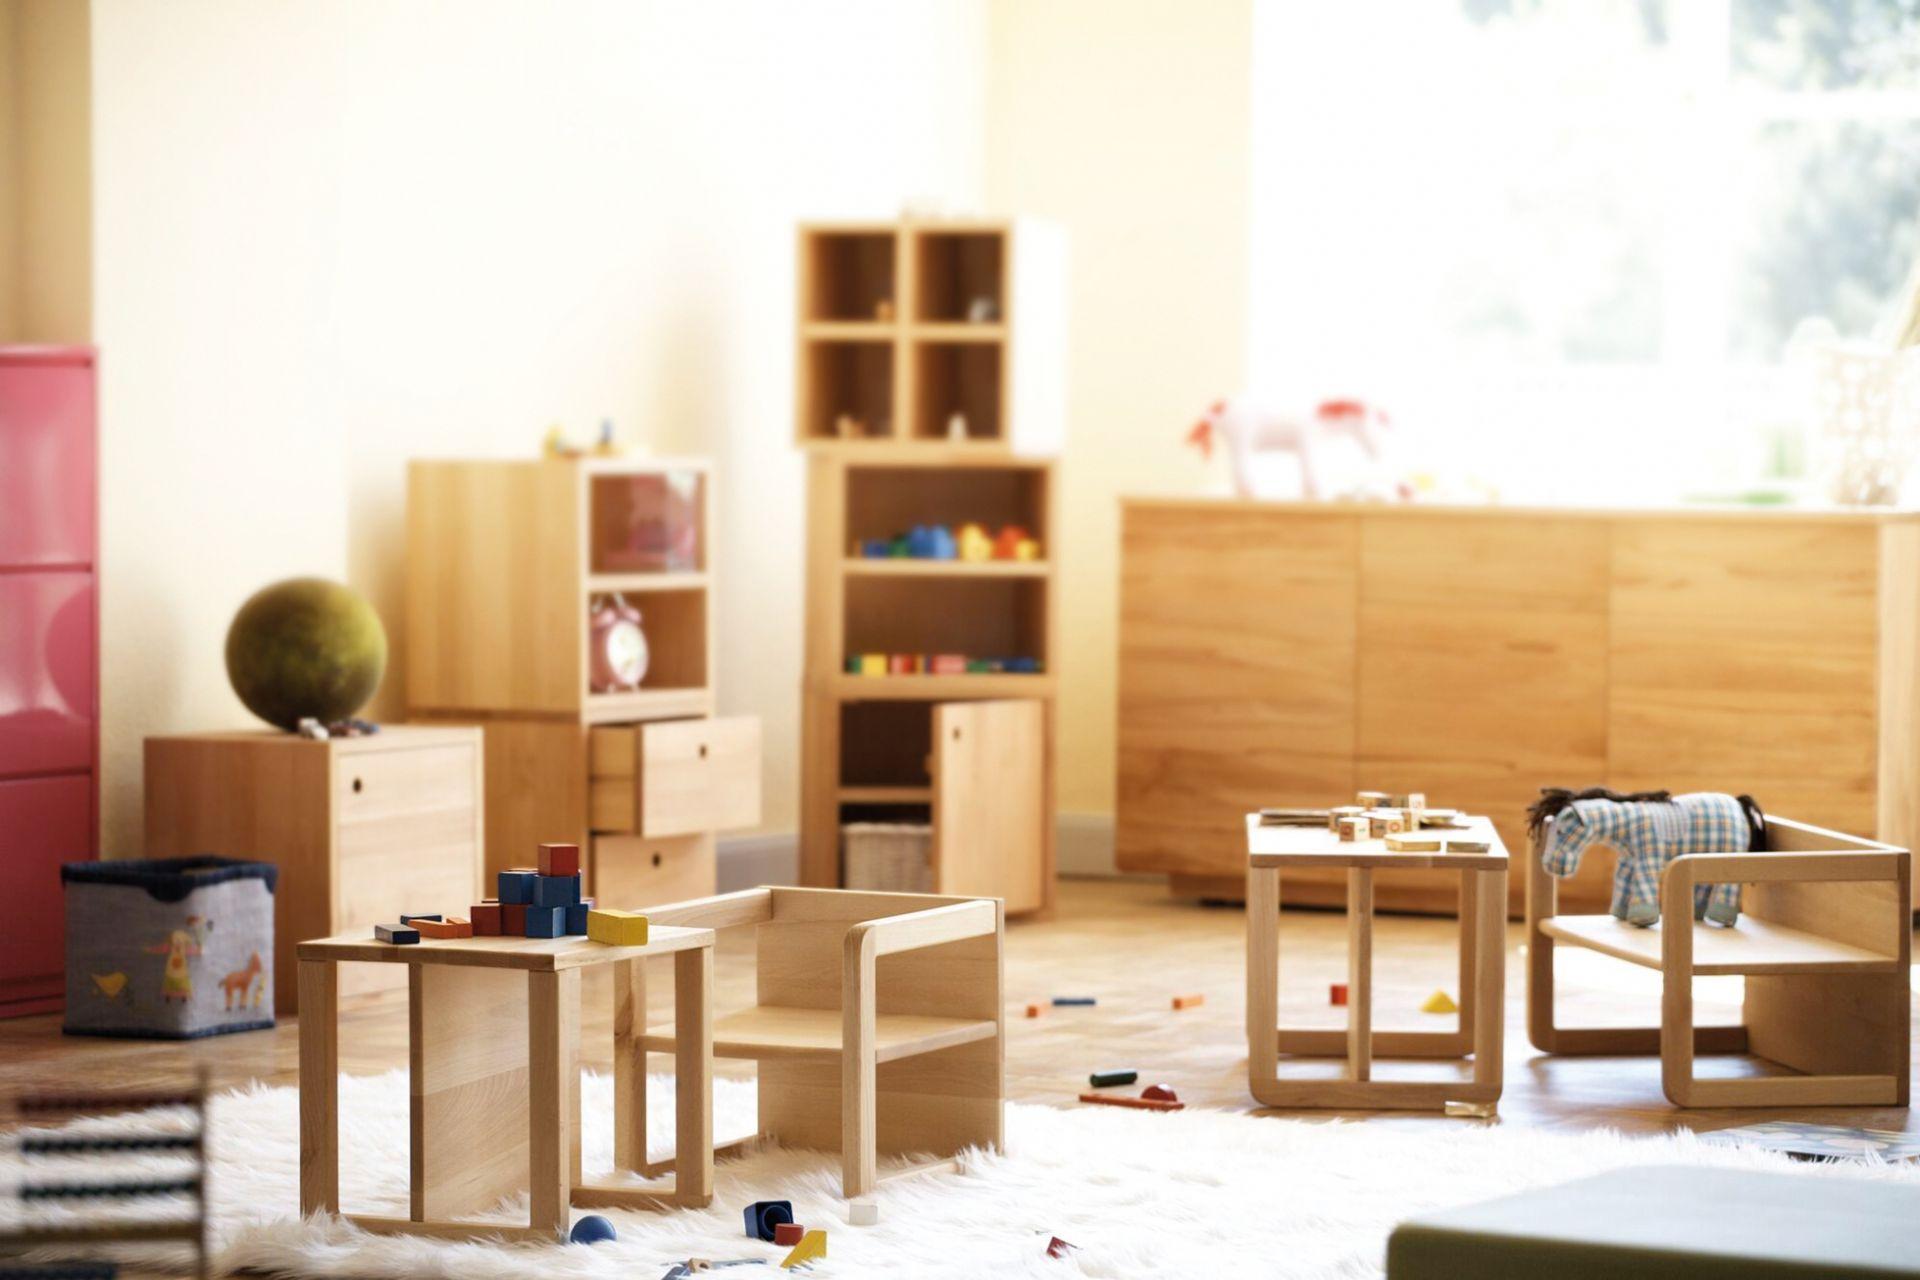 Hugo Kindersessel / Kindertisch Holz Jan Kurtz